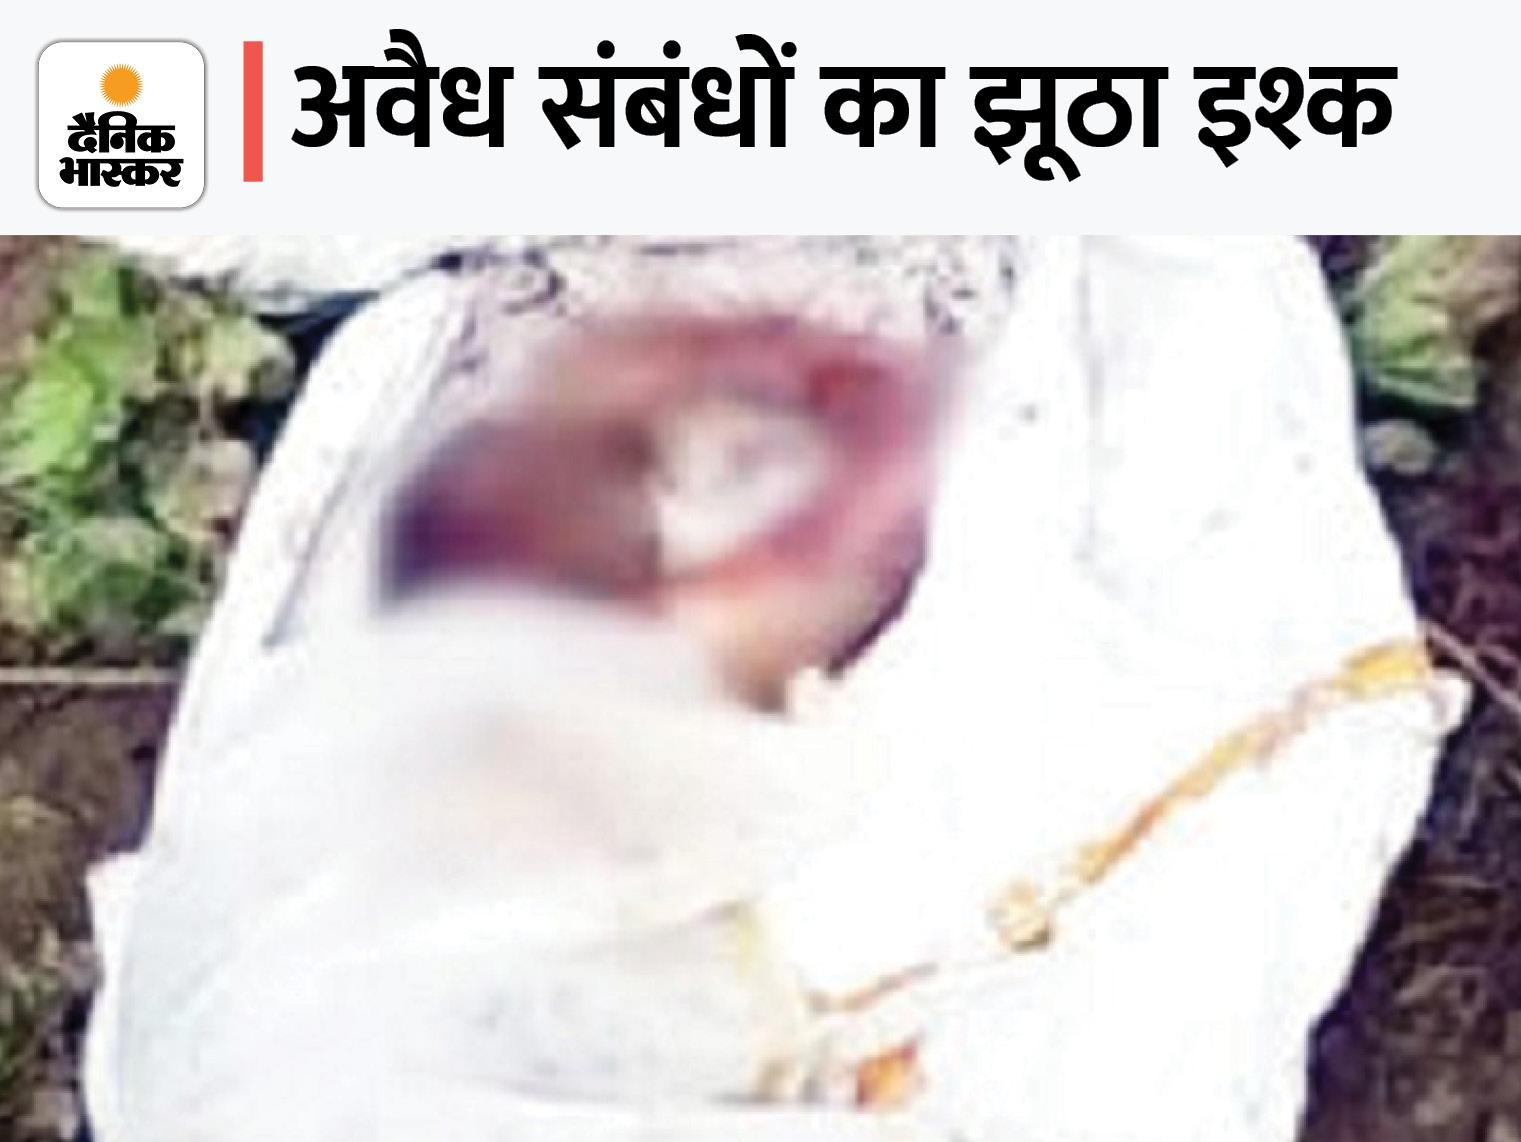 पति के एक्सीडेंट की बात कह साथ ले गए, प्रेमी और उसके 2 दोस्तों ने किया दुष्कर्म, गला घोंटा जांजगीर,Janjgeer - Dainik Bhaskar